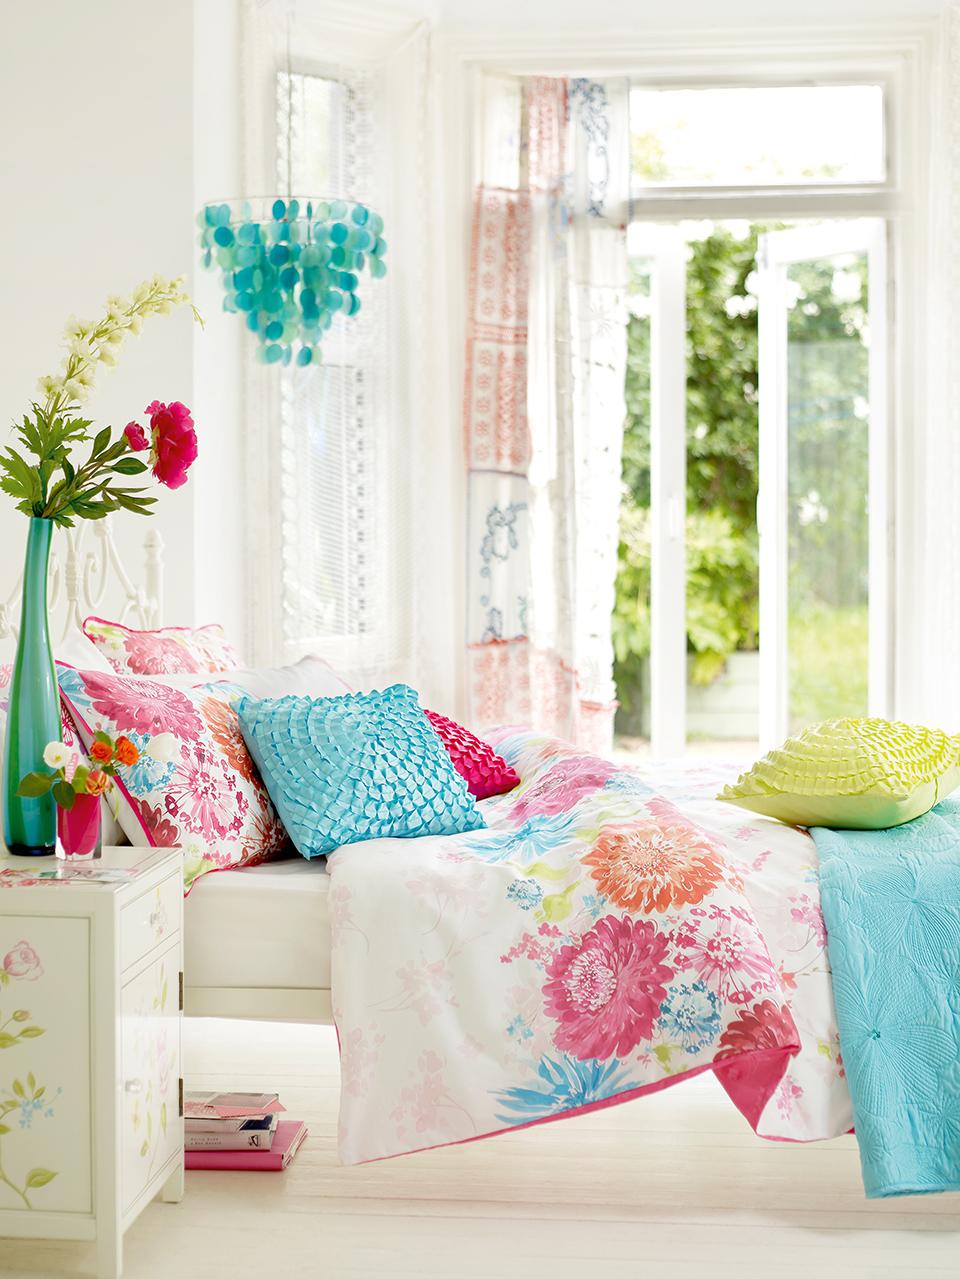 cores-verao-moveis-paredes-casa-decoracao-11